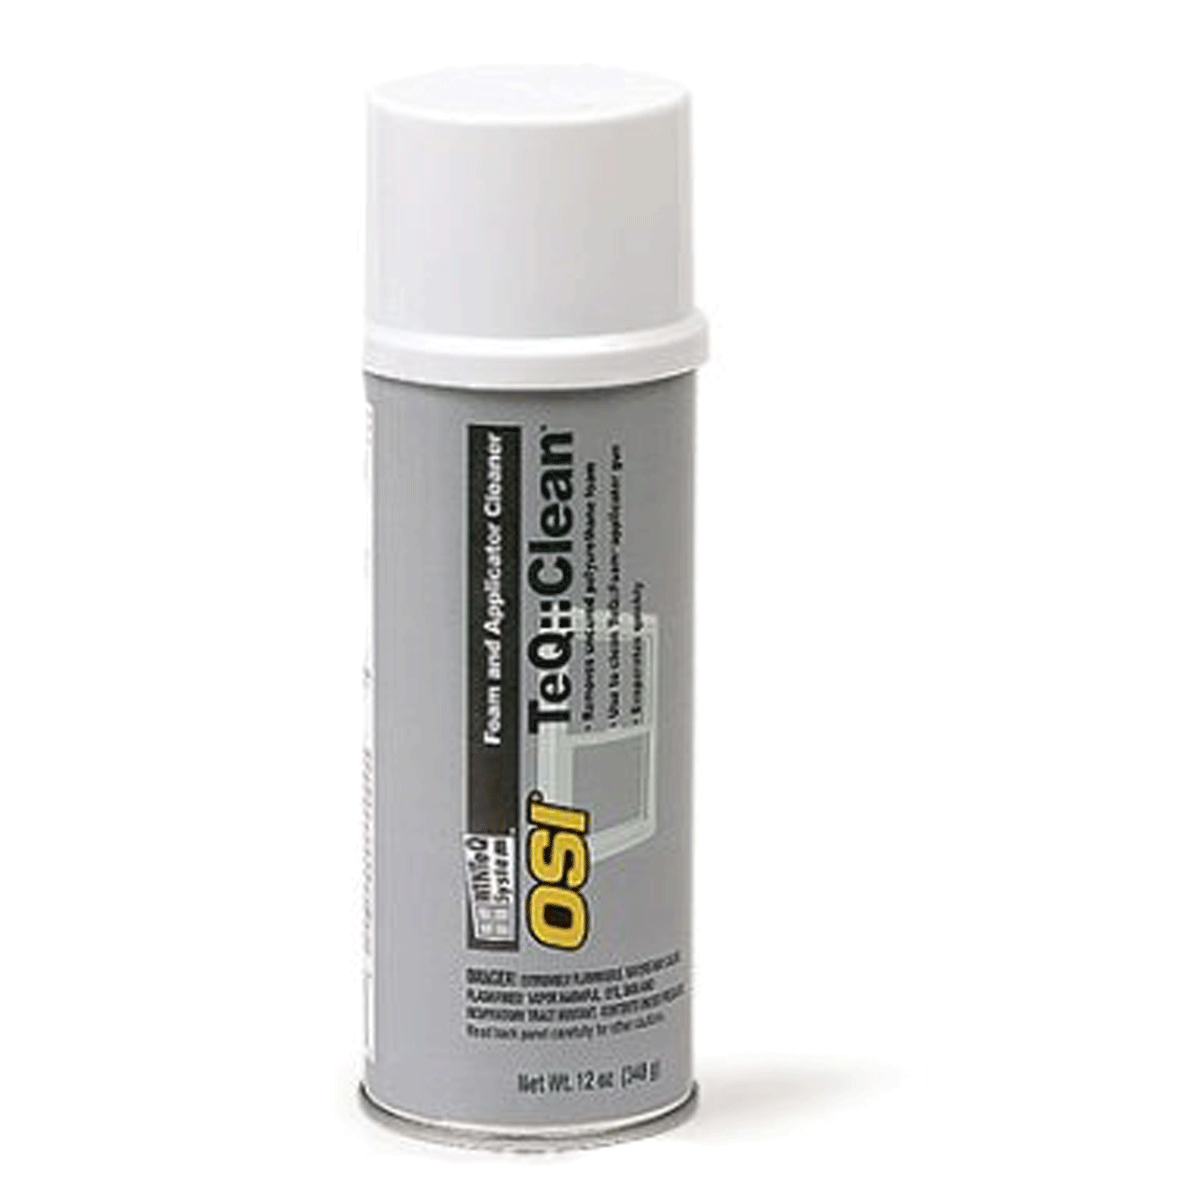 Foam cleaner, $19 Dan Thorton